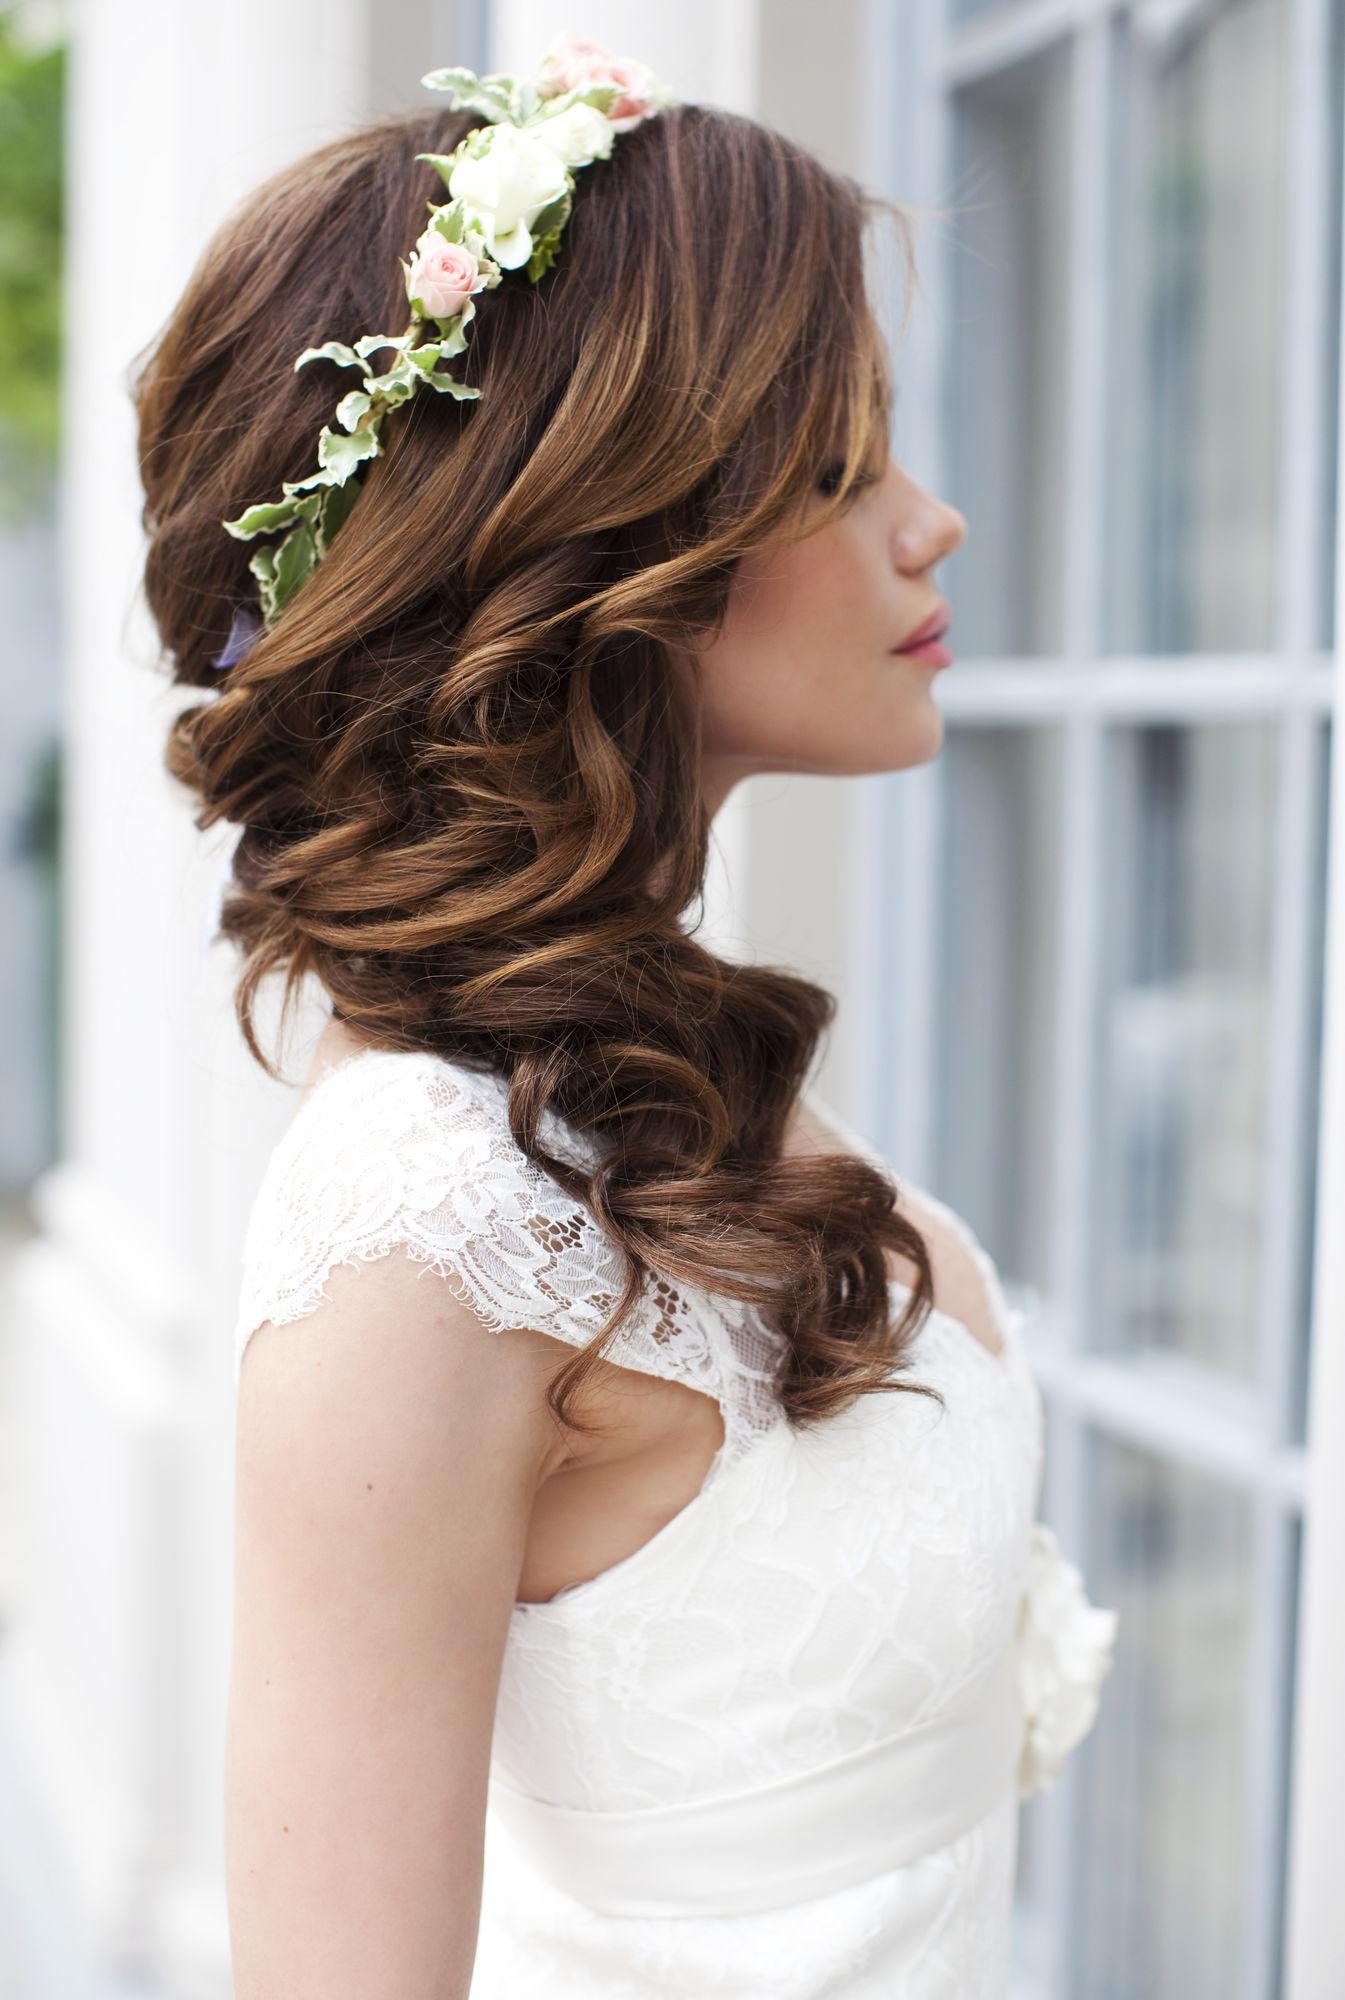 modnye-tendencii-svadebnoj-mody-32